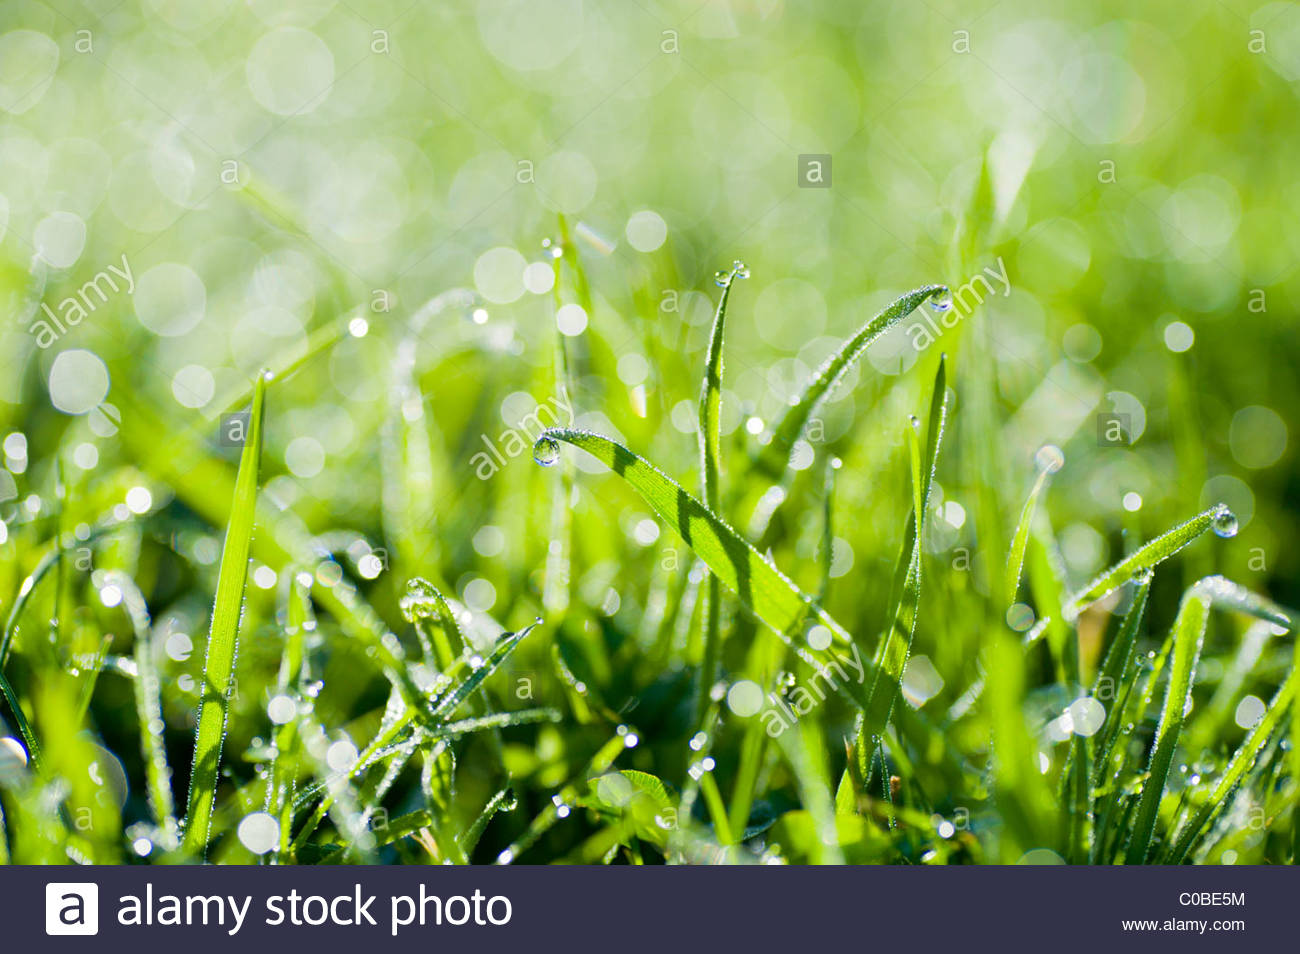 Cerca de gotas de rocío sobre la hierba. Imagen De Stock